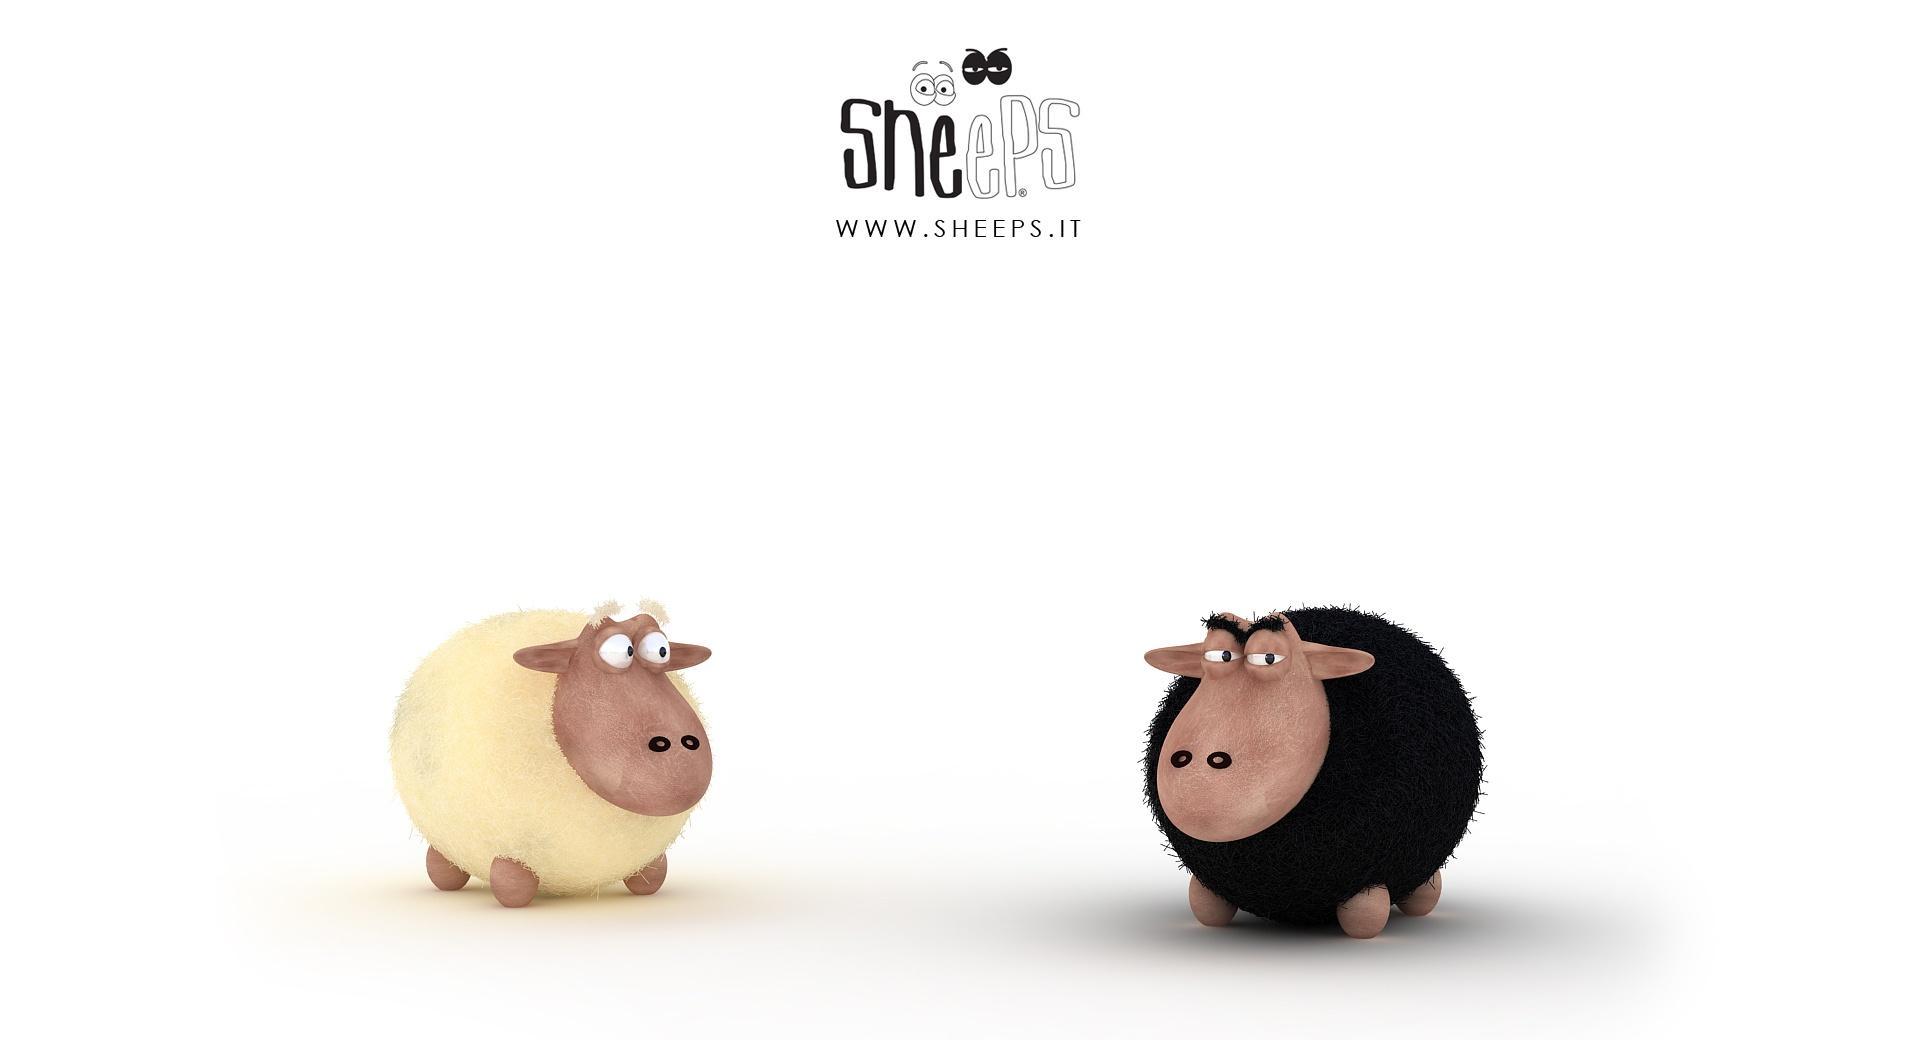 Black Sheep Vs White Sheep wallpapers HD quality